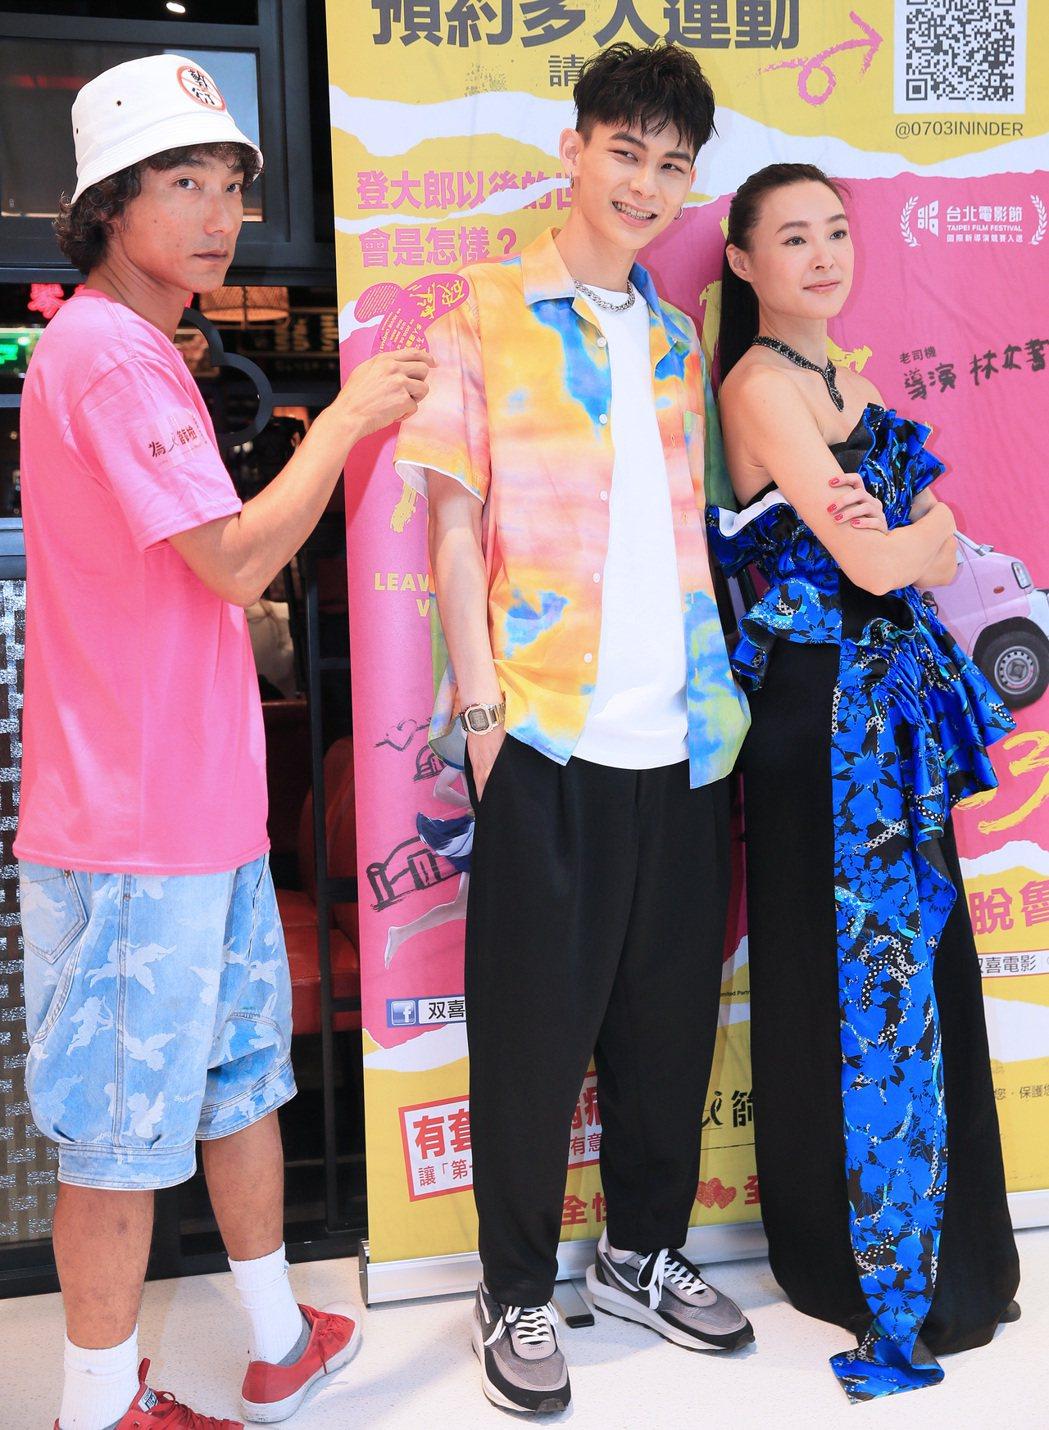 電影「破處」導演林立書(左)、男女主角楊懿軒(中)與曾珮瑜(右)一起出席宣傳記者...